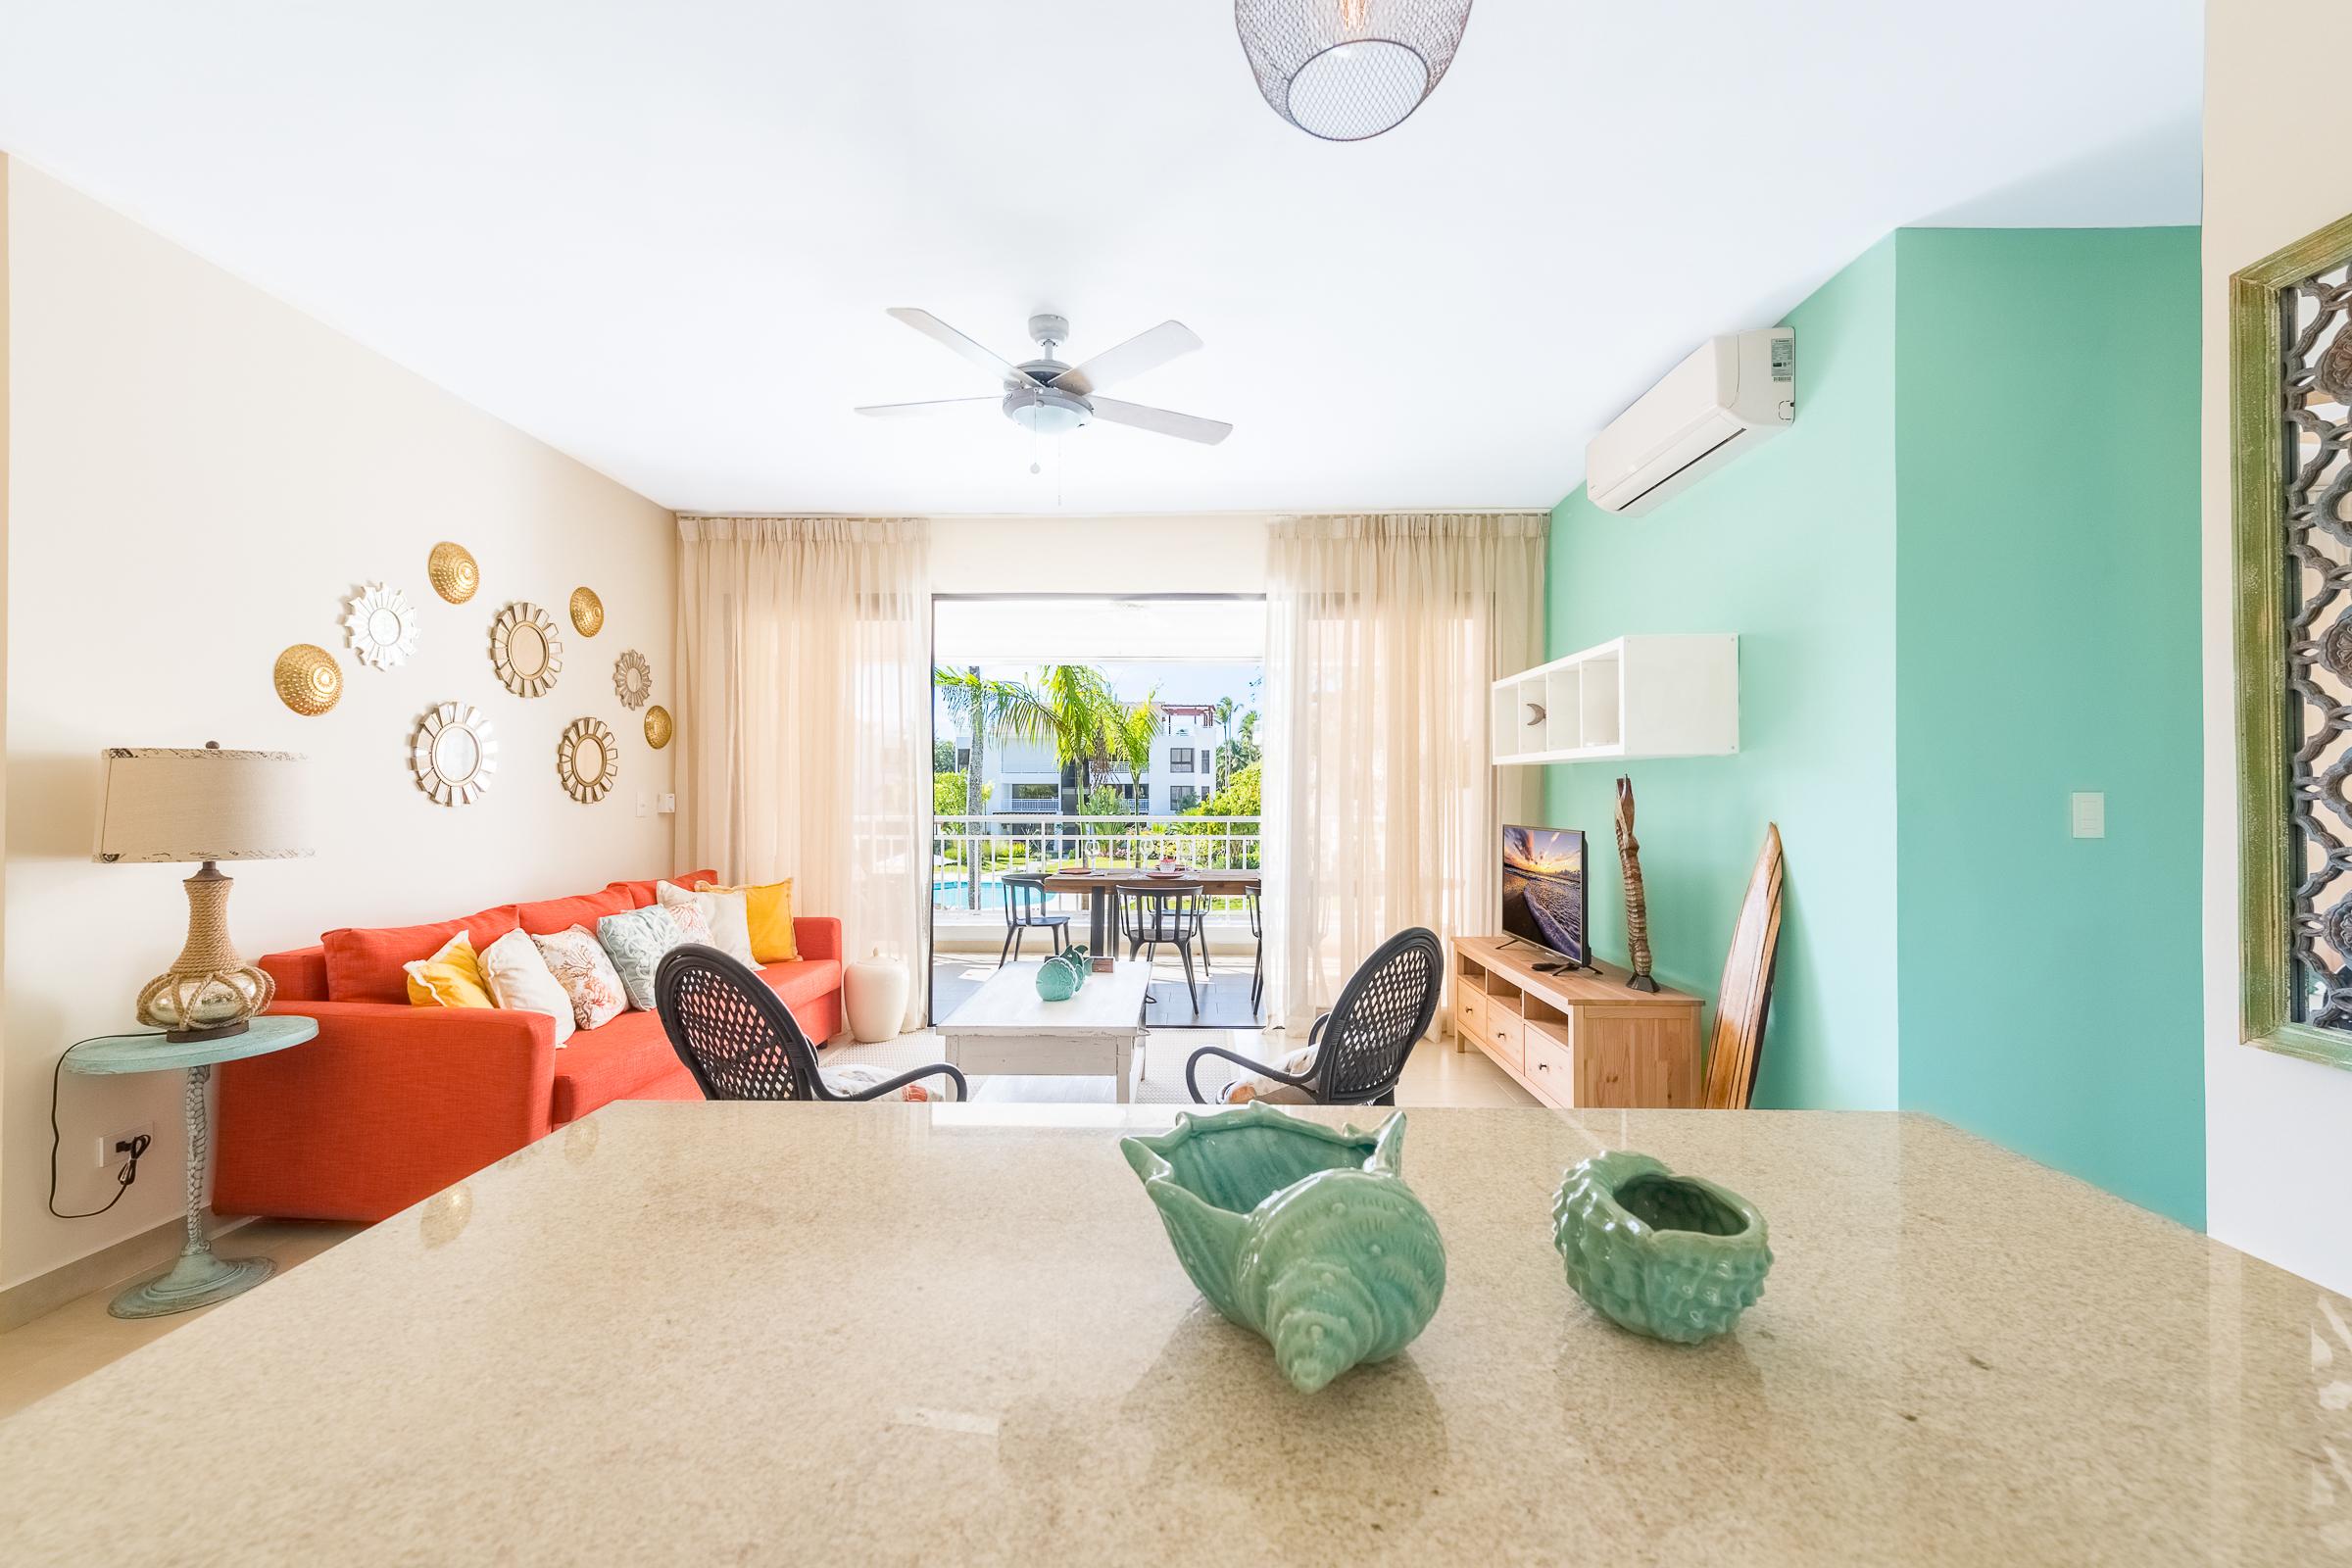 RENTAL : SEAHORSE, LOS COCOS, PLAYA BONITA 2 BEDS (MAX 6)